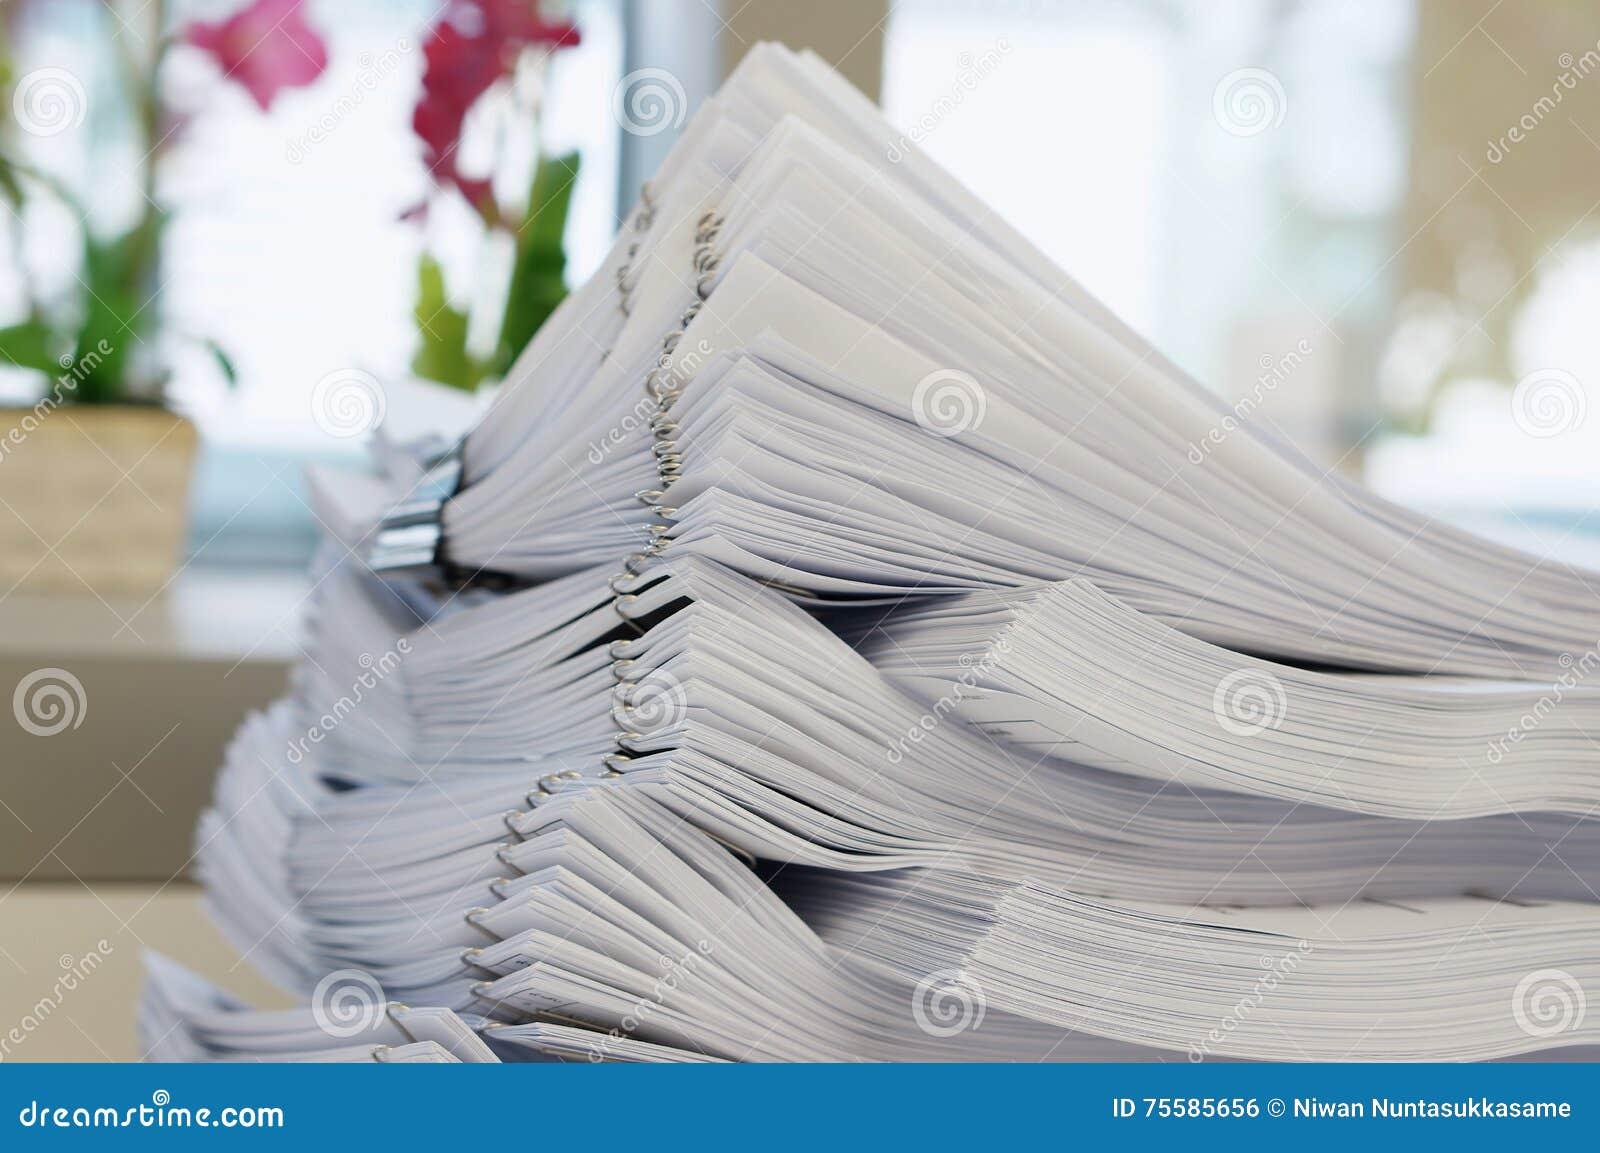 Stapel des weißen Dokuments auf Bürohintergrund